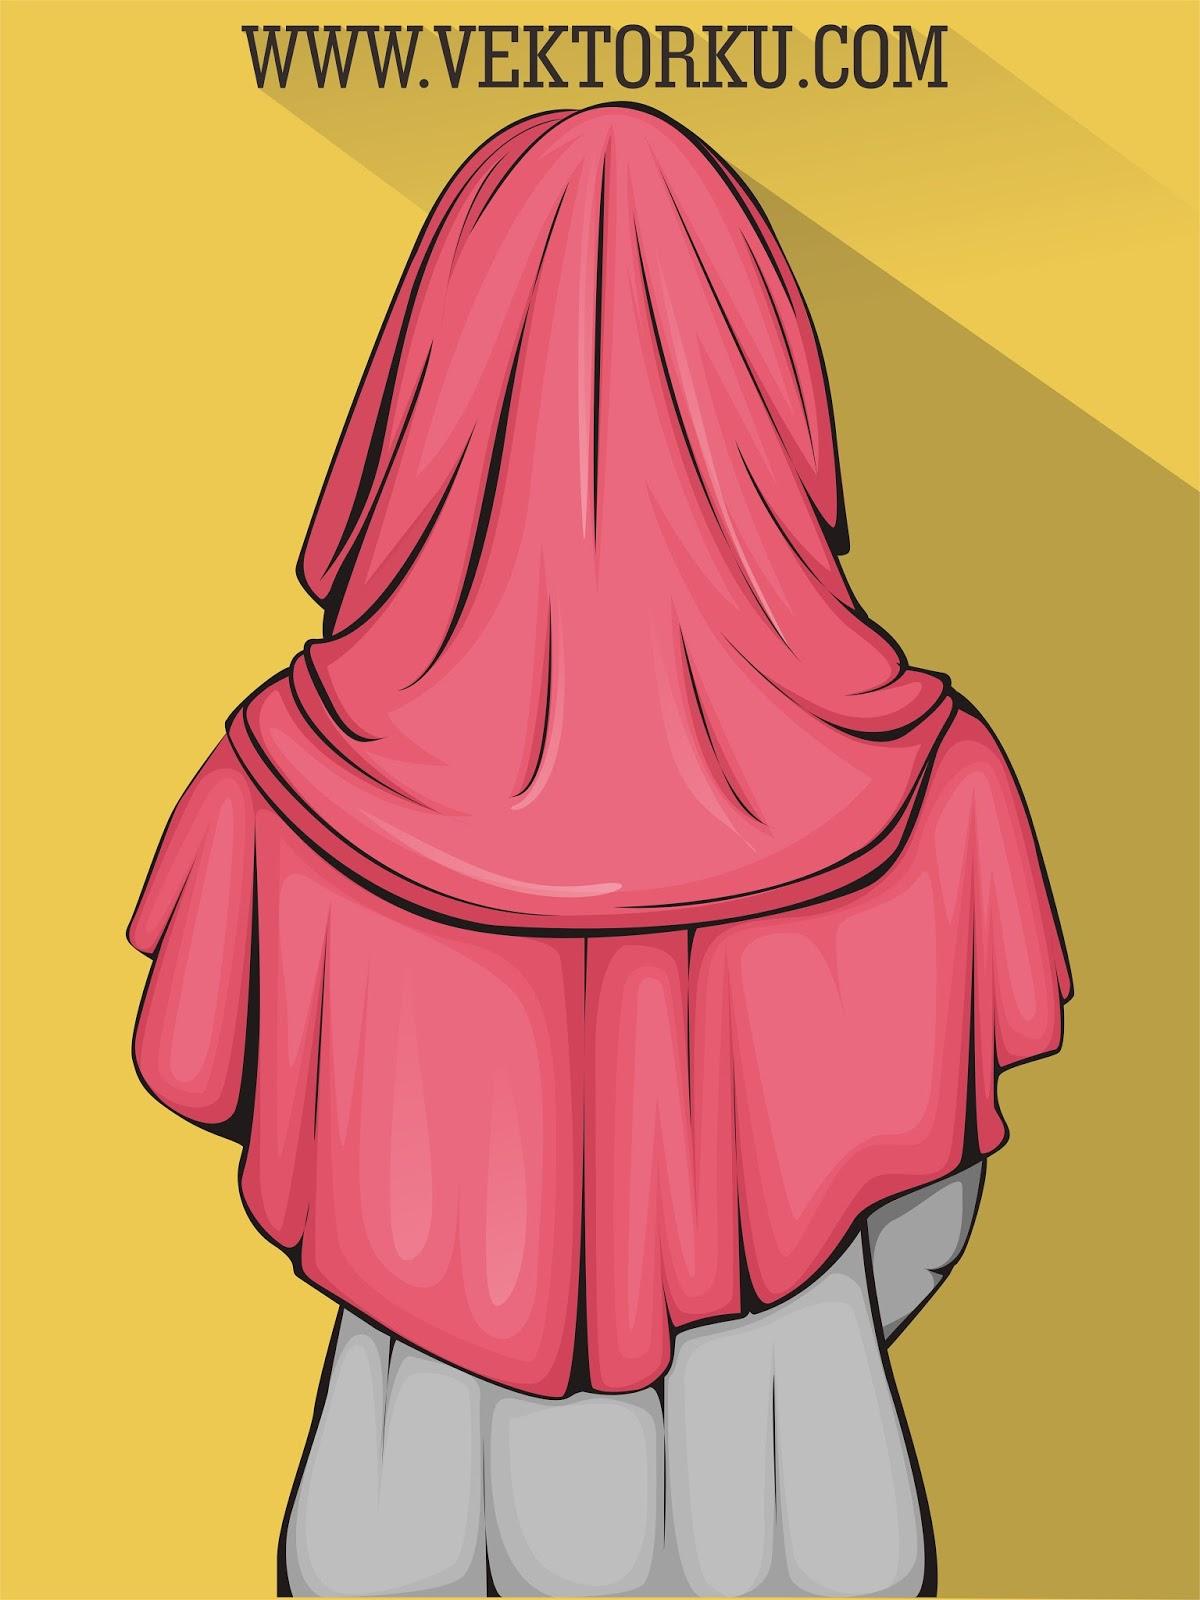 93 Animasi Wanita Berhijab Menangis Terbaru Cikimm Com